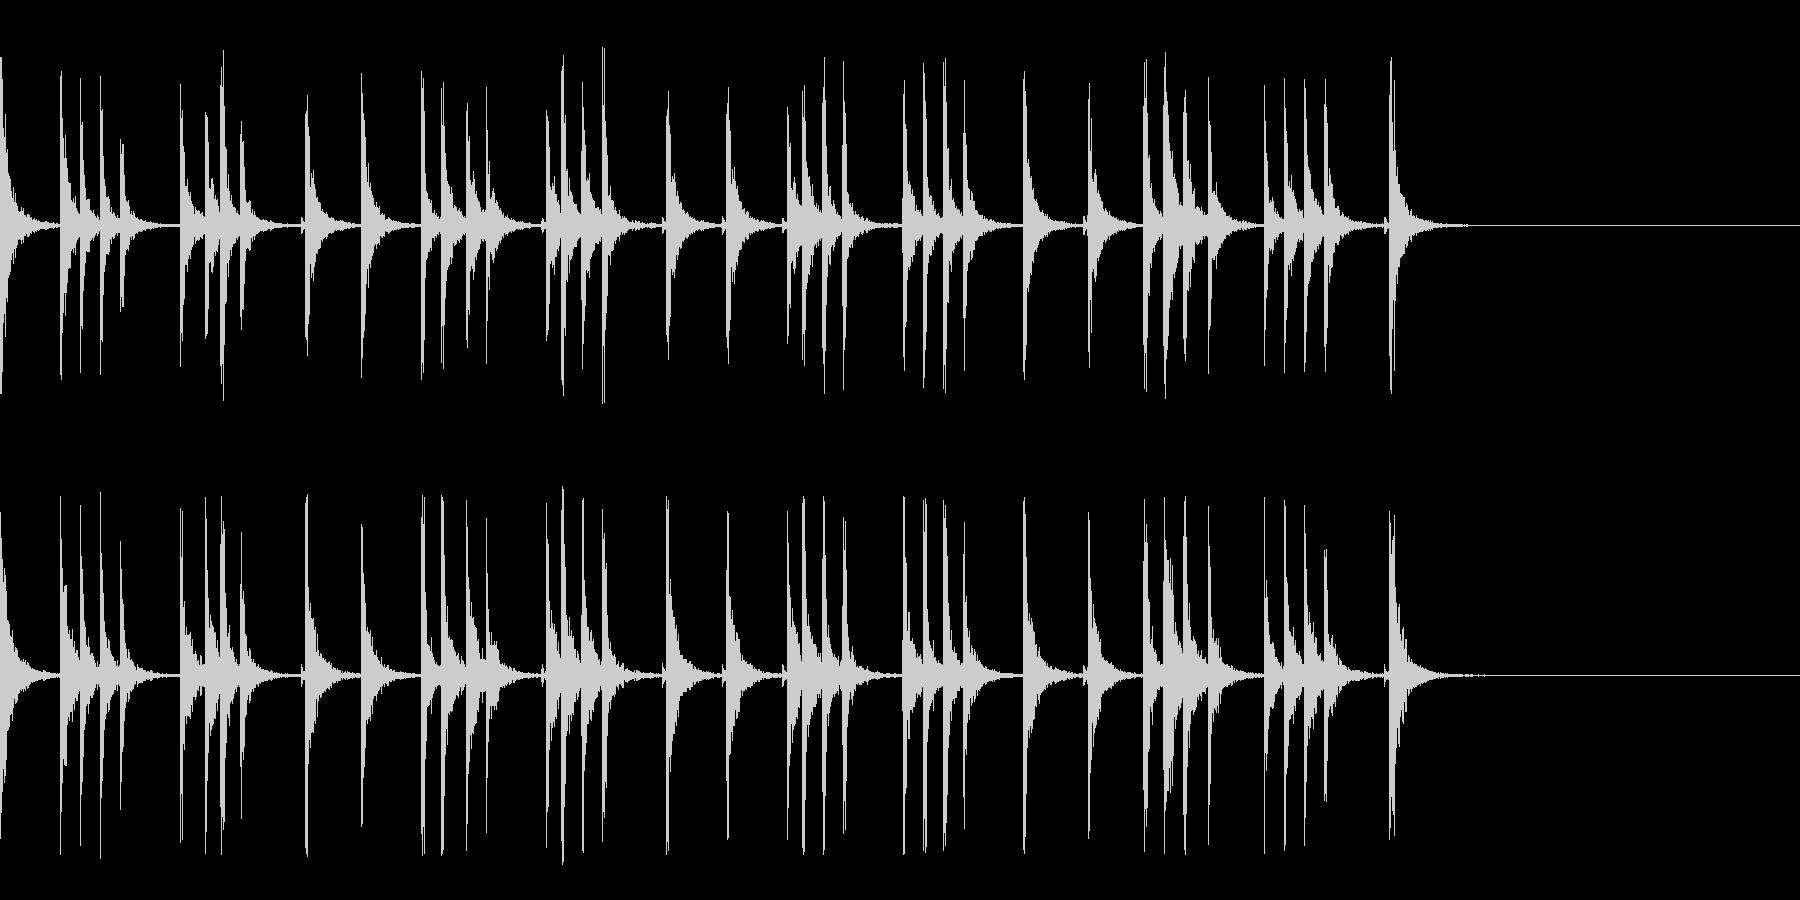 カスタネット!フラメンコフレーズ2の未再生の波形